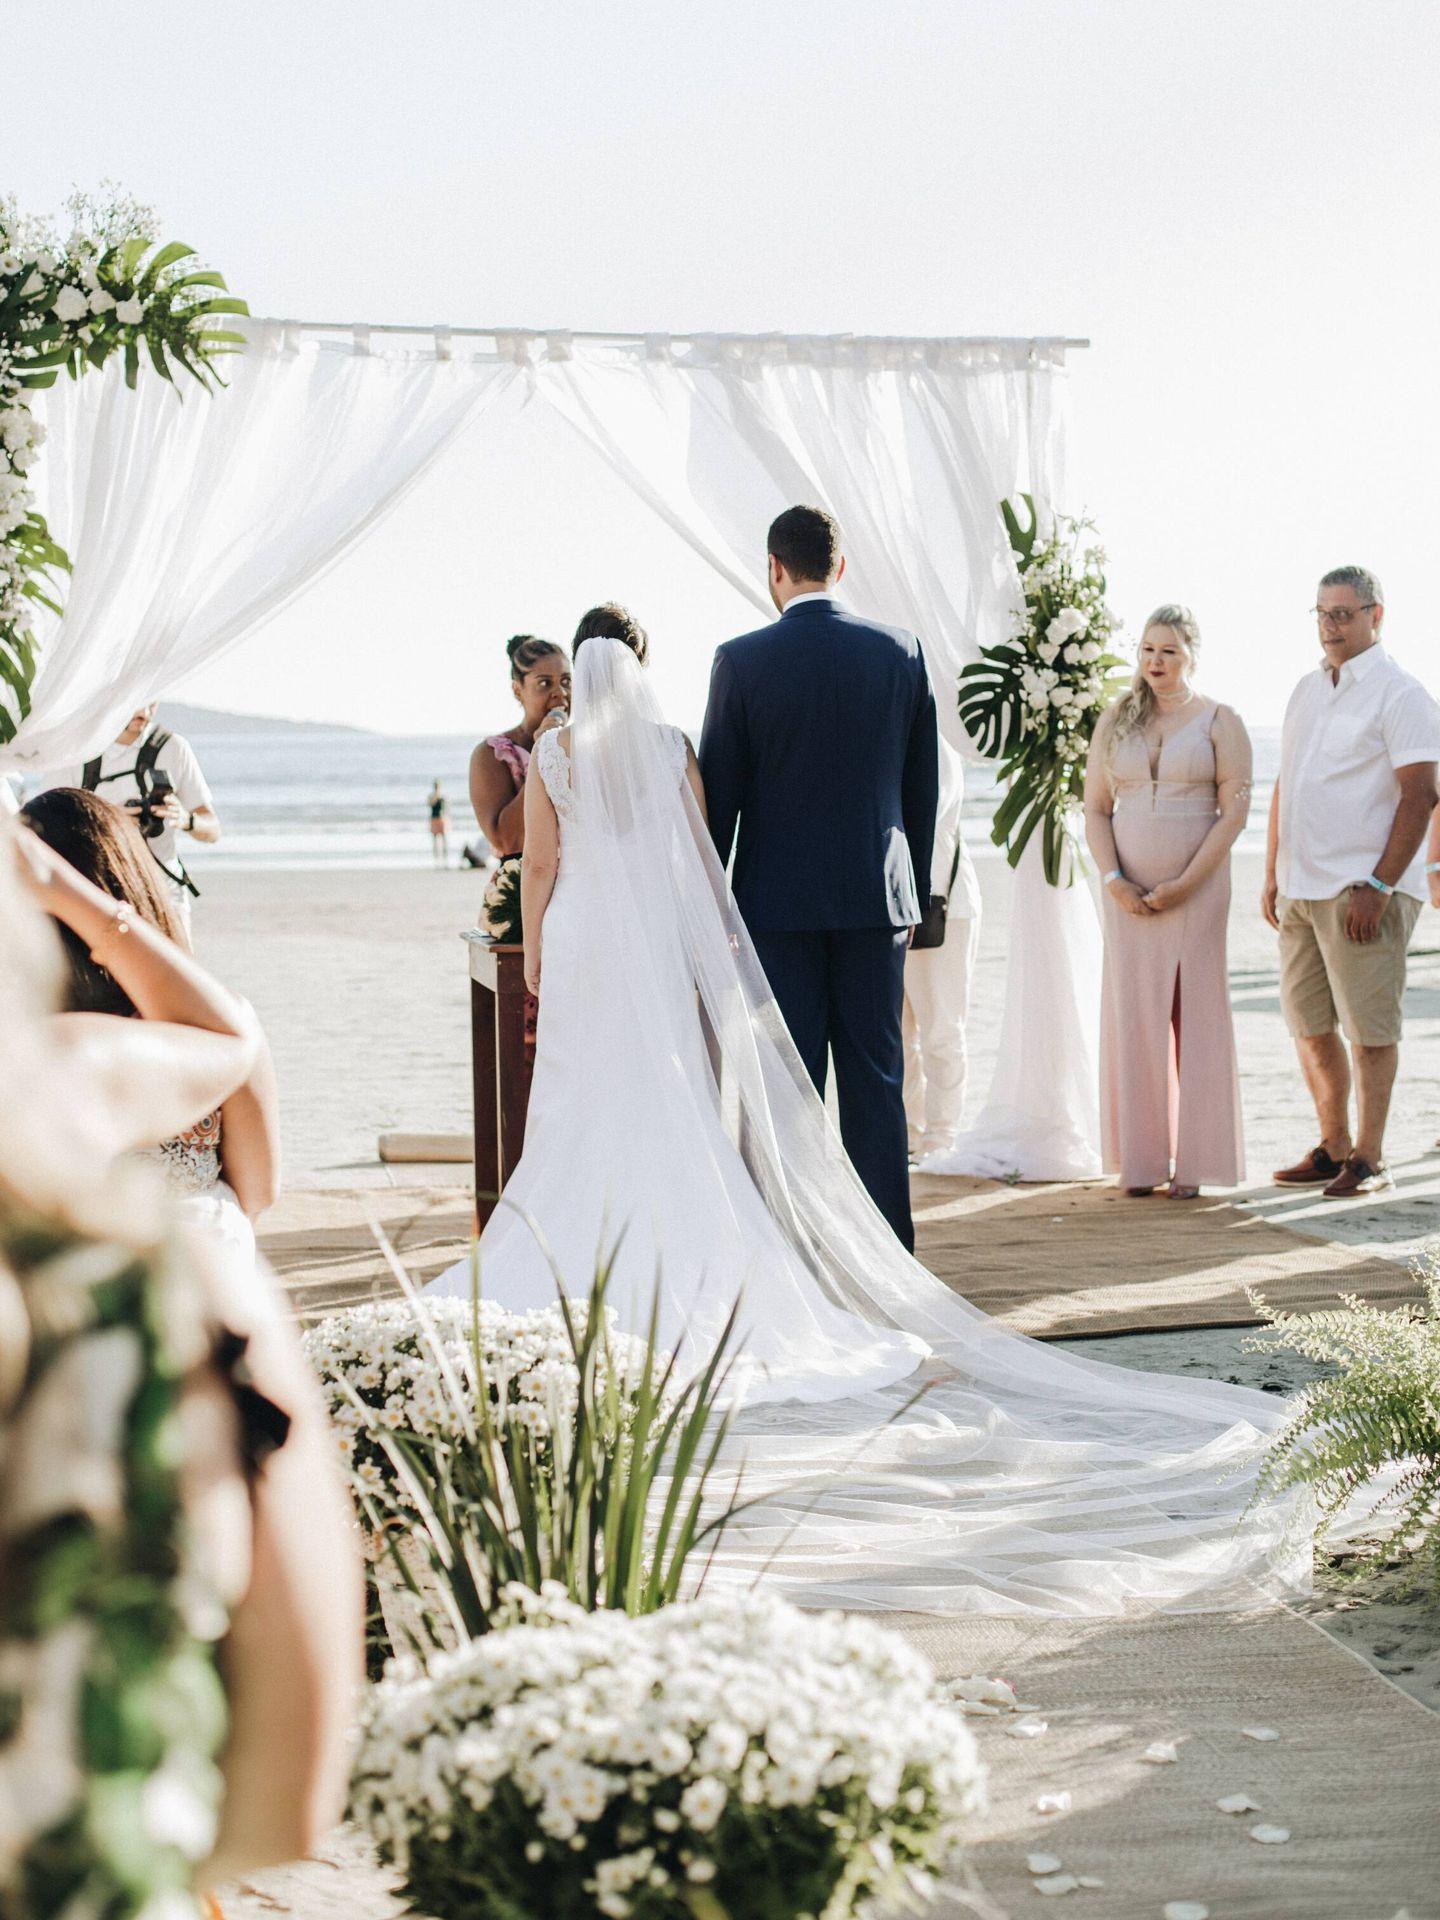 Cómo escoger el vestido de novia para una boda en la playa. (Getúlio Moraes para Unsplash)